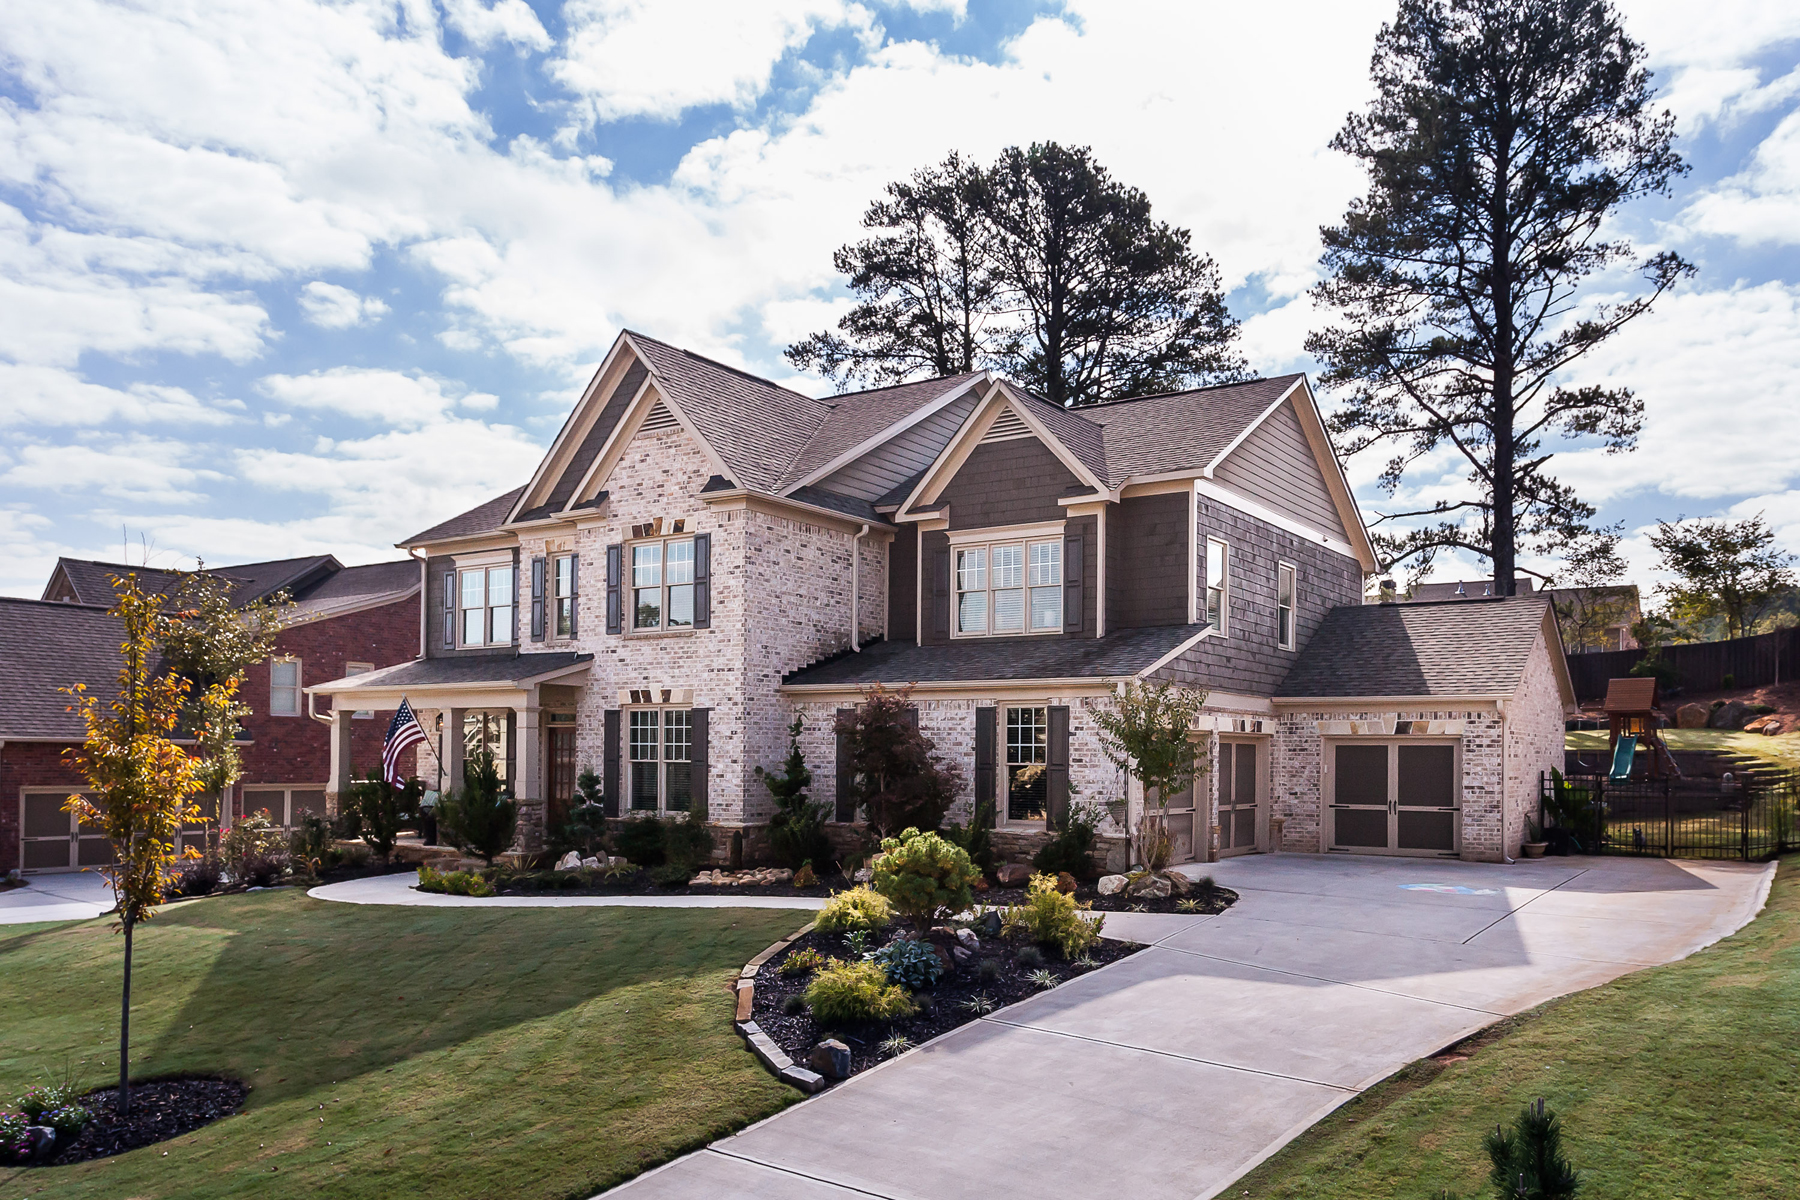 단독 가정 주택 용 매매 에 Stunning Newer Construction Home 409 Rocky Creek Grove Woodstock, 조지아 30188 미국